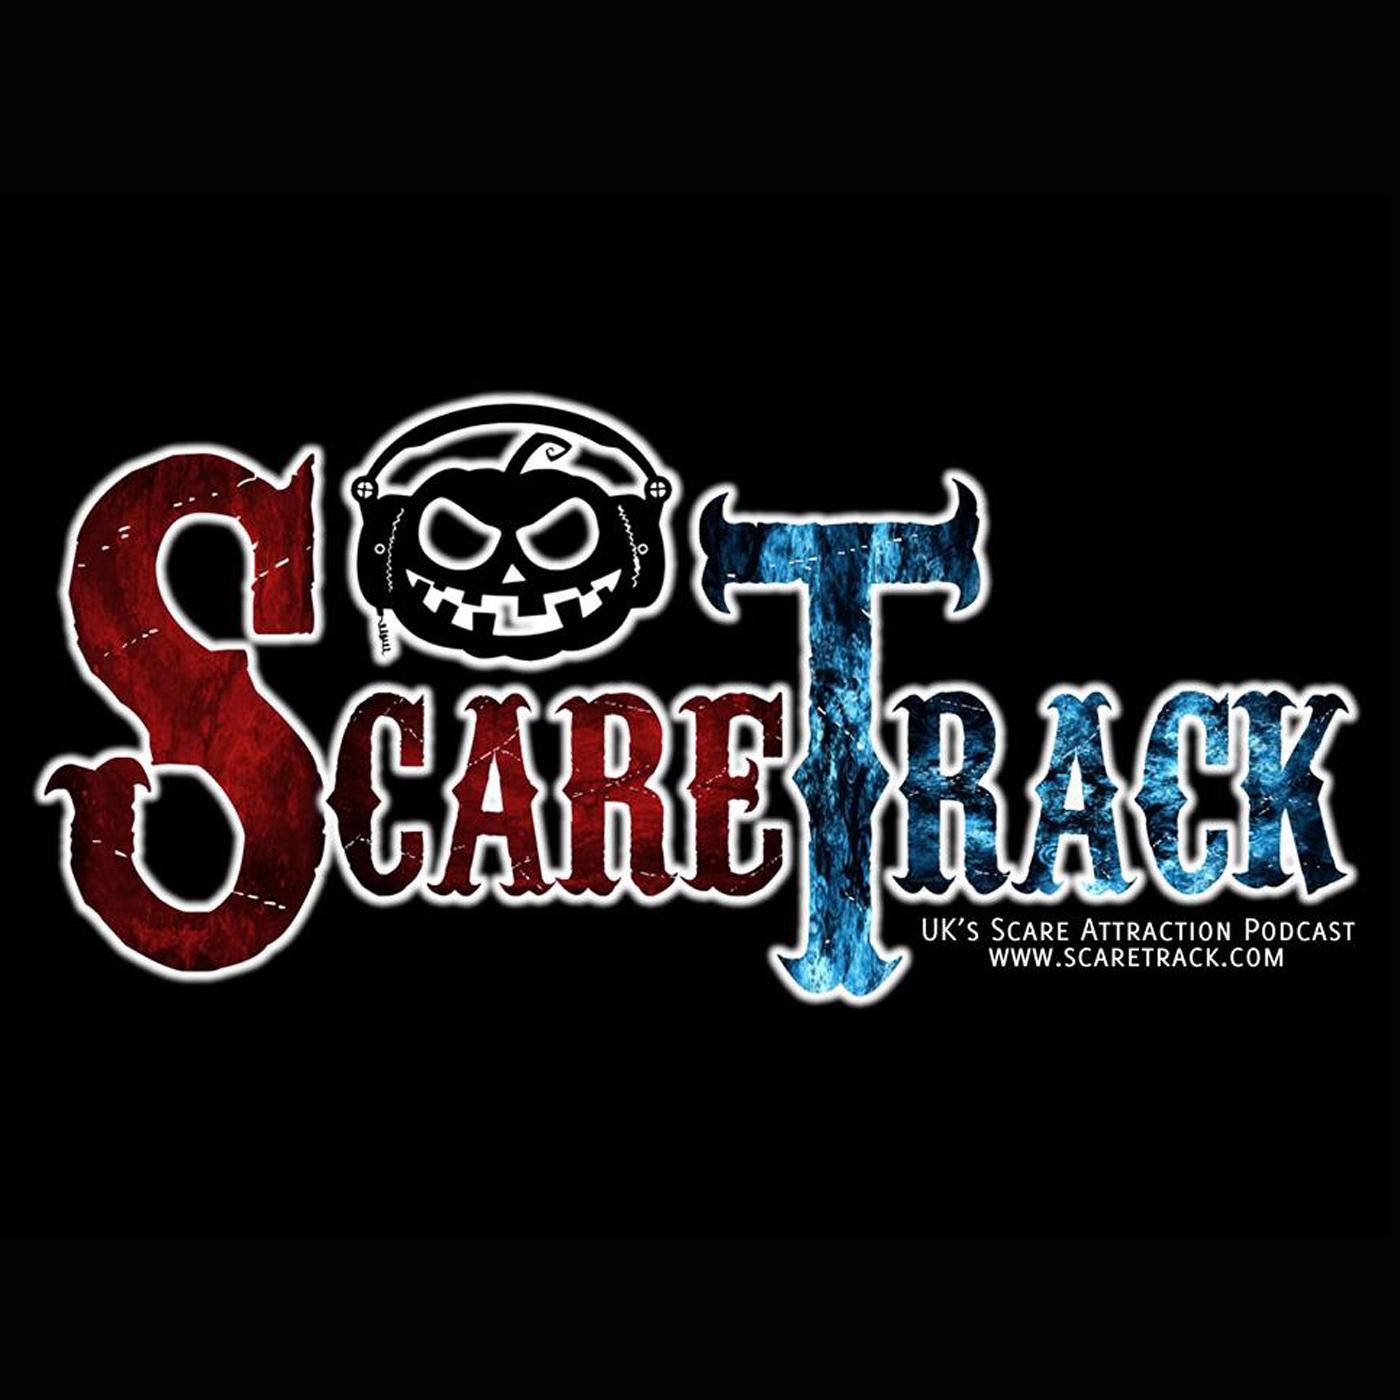 ScareTRACK